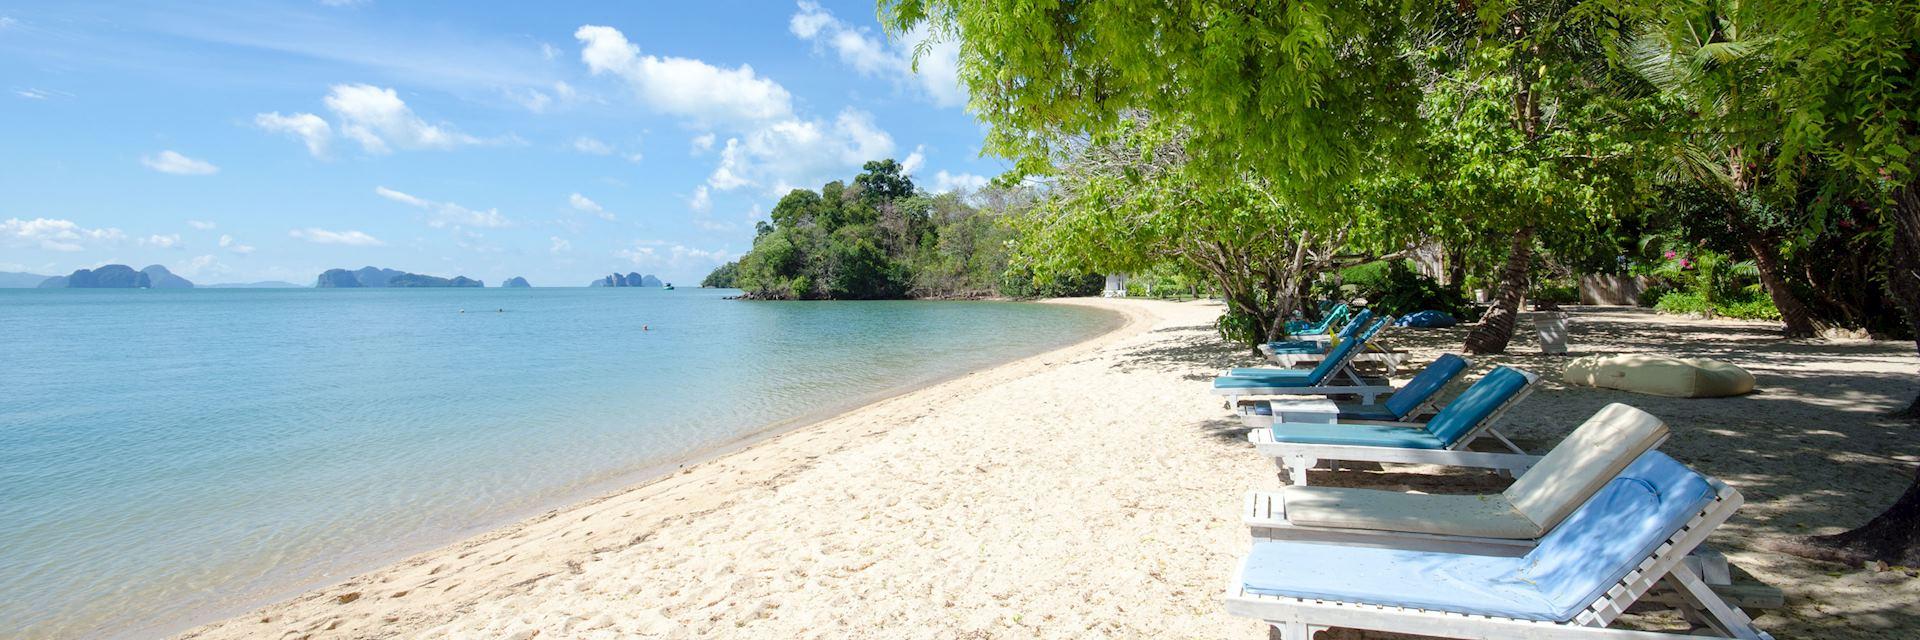 Paradise, Koh Yao